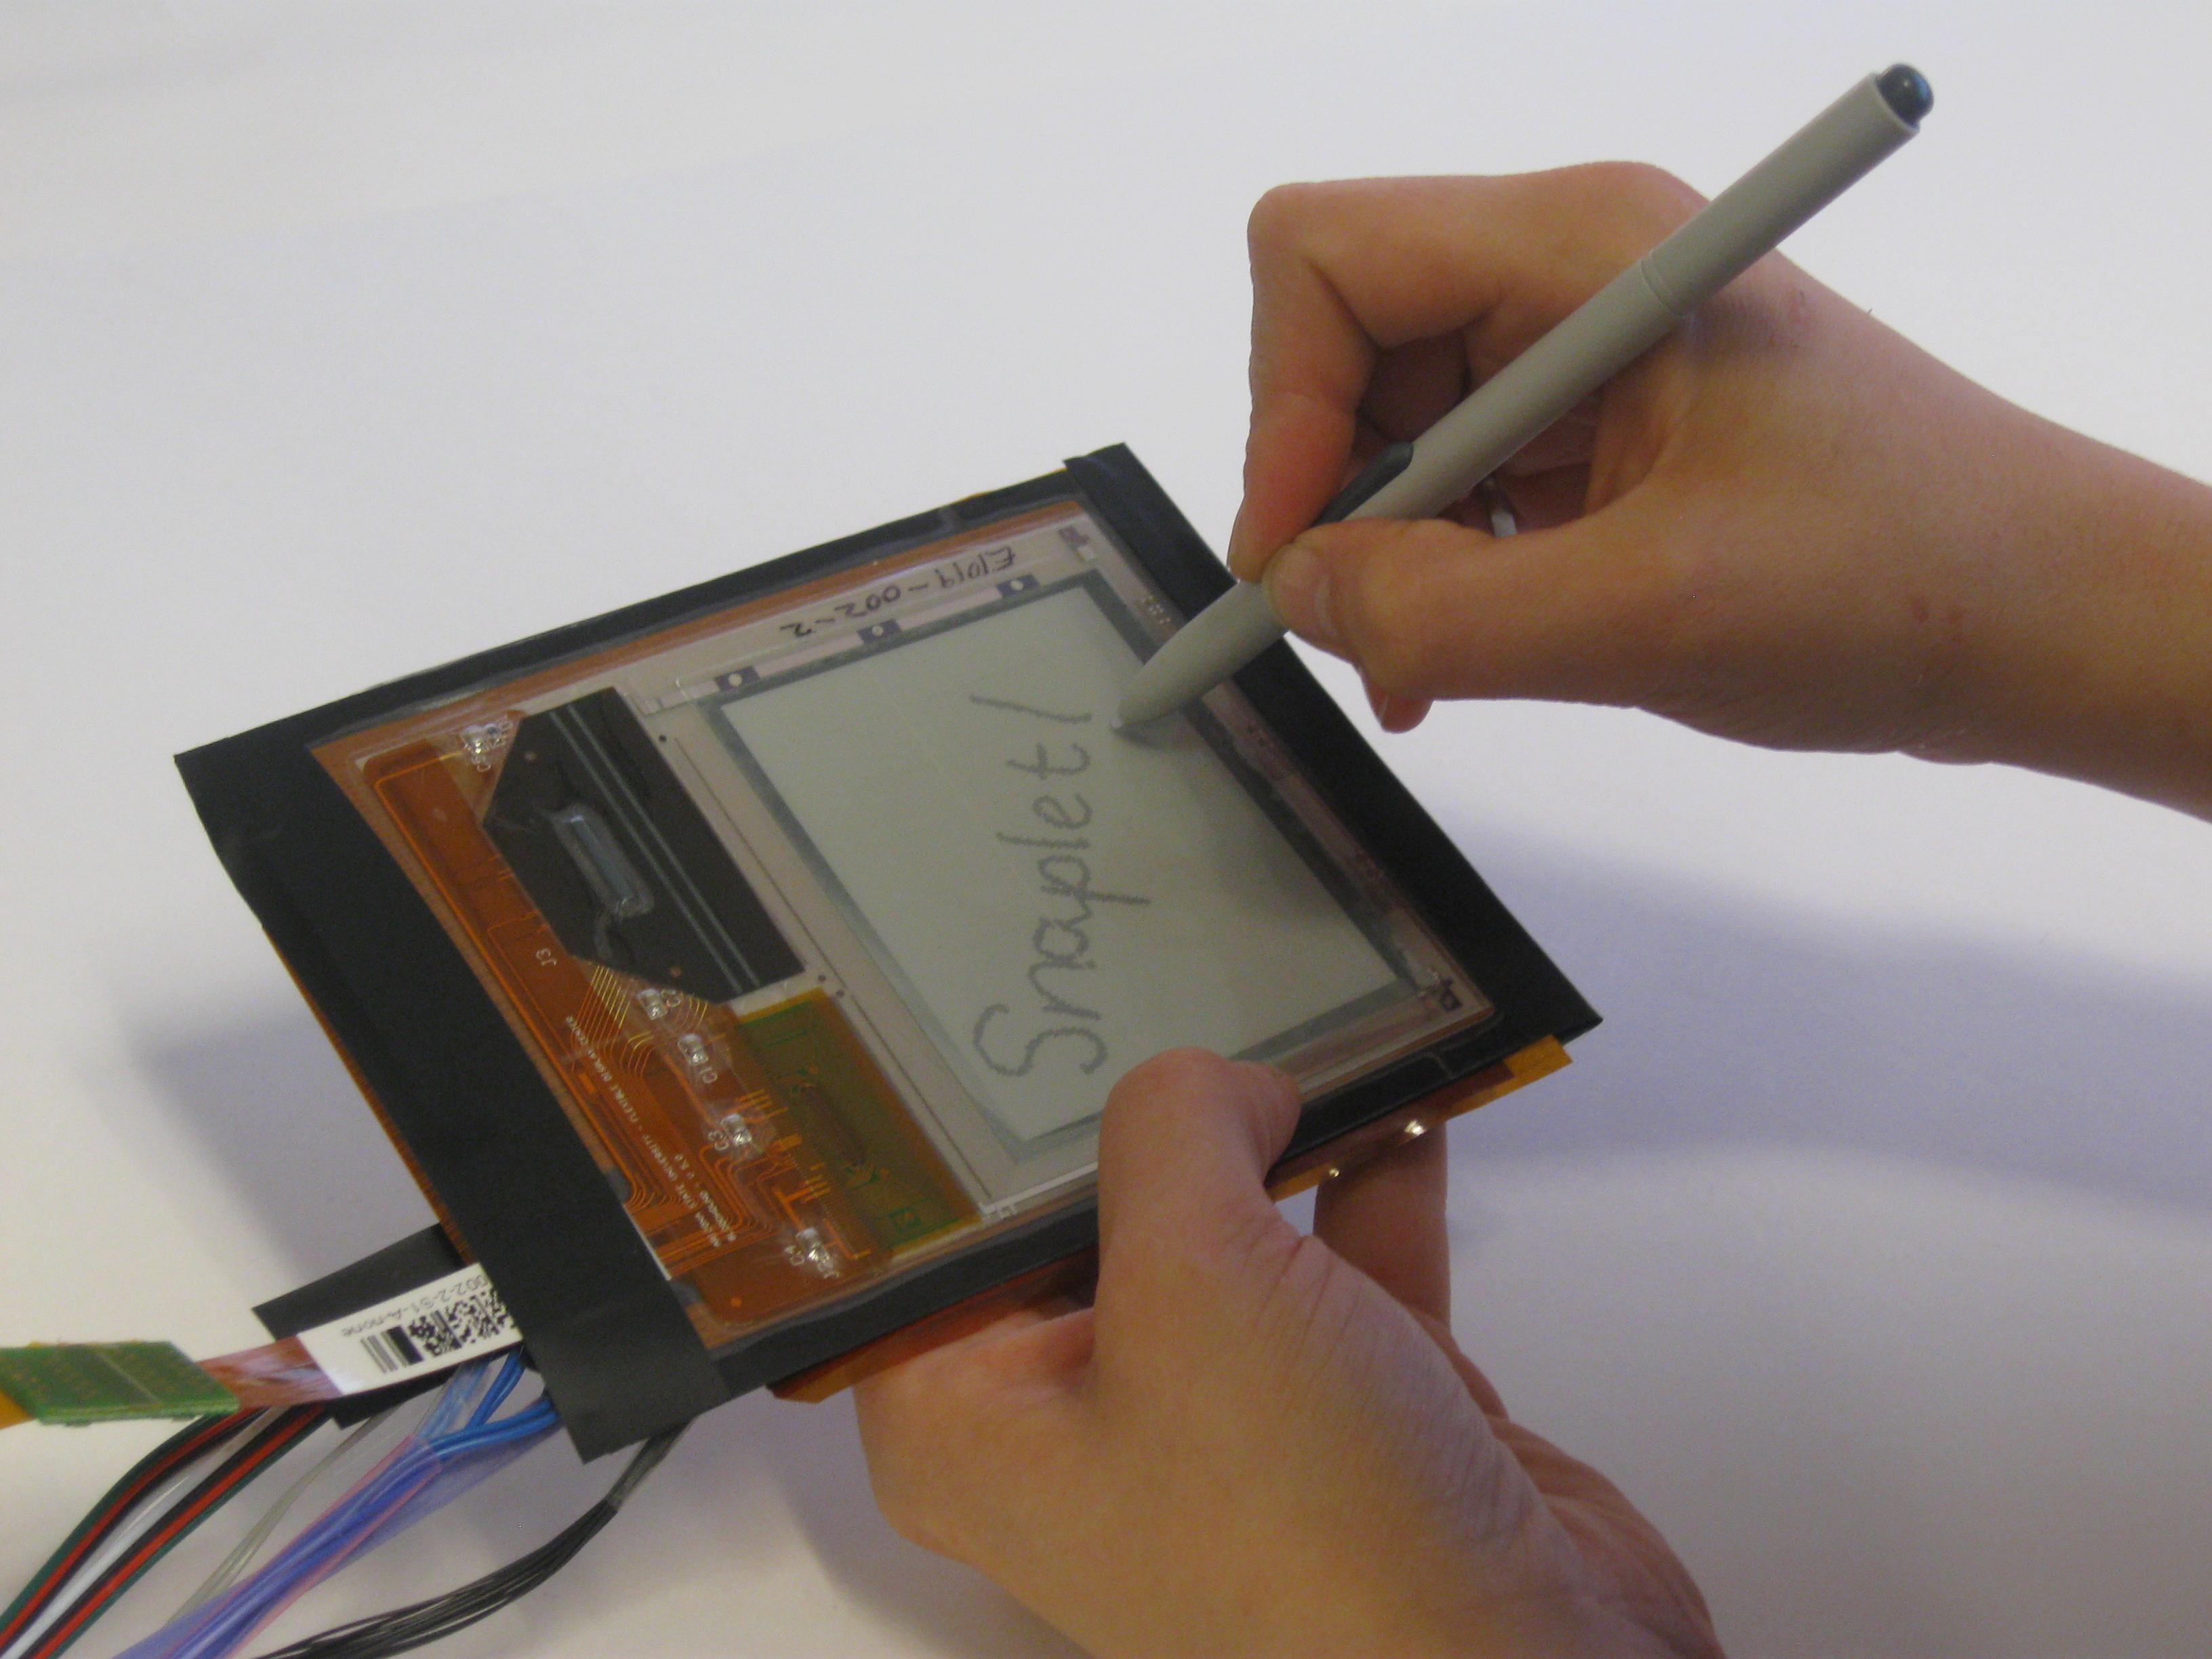 Как использовать планшет в качестве второго монитора 57